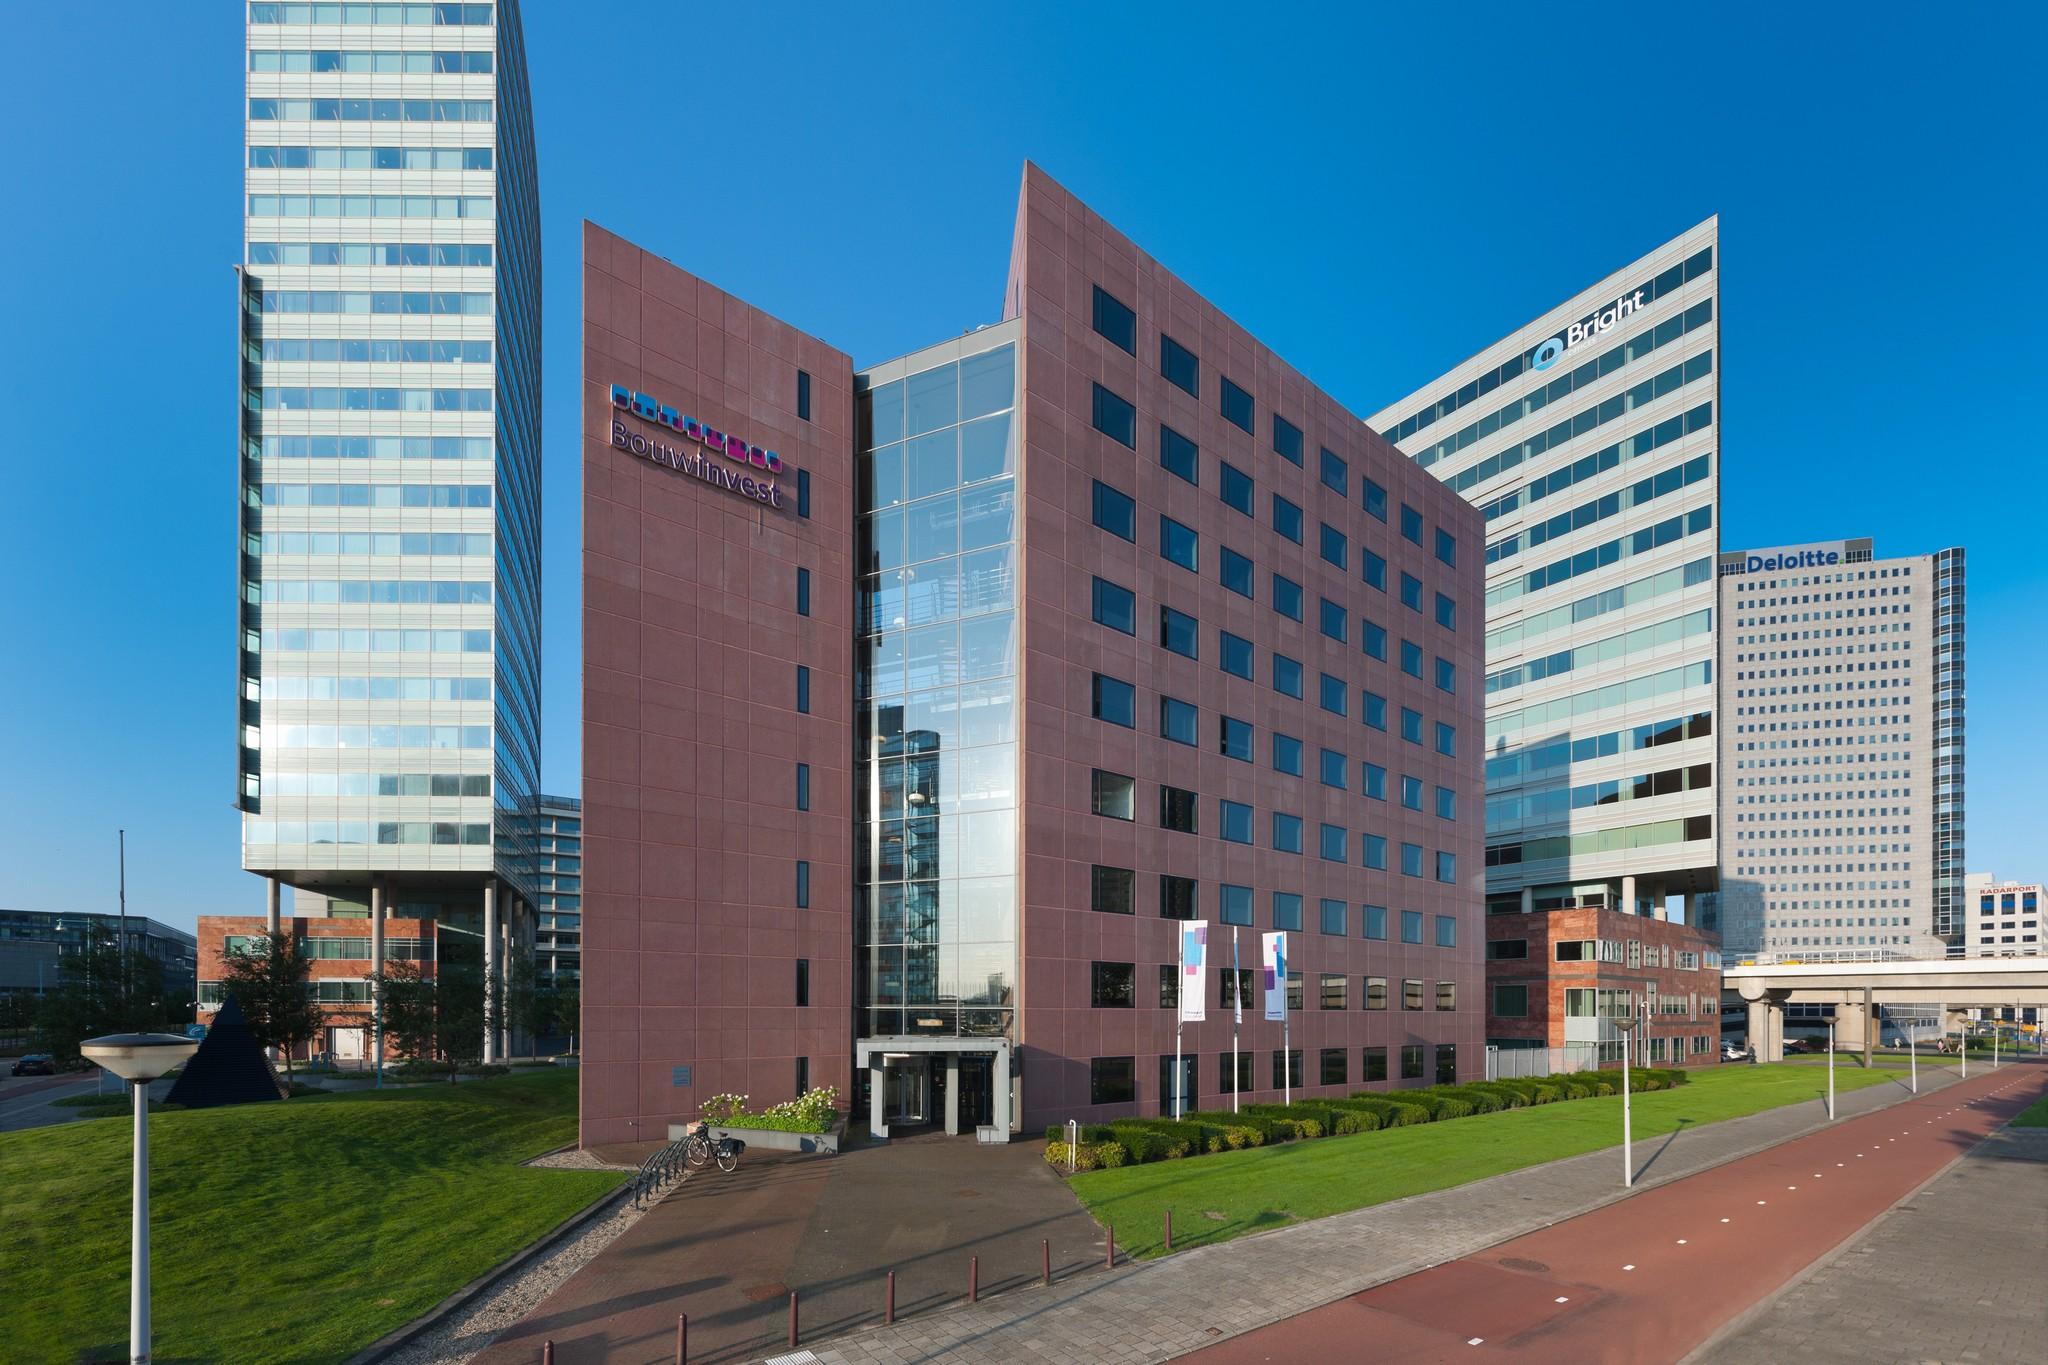 La guardiaweg 4 amsterdam kantoor huren - Eigentijds gebouw ...